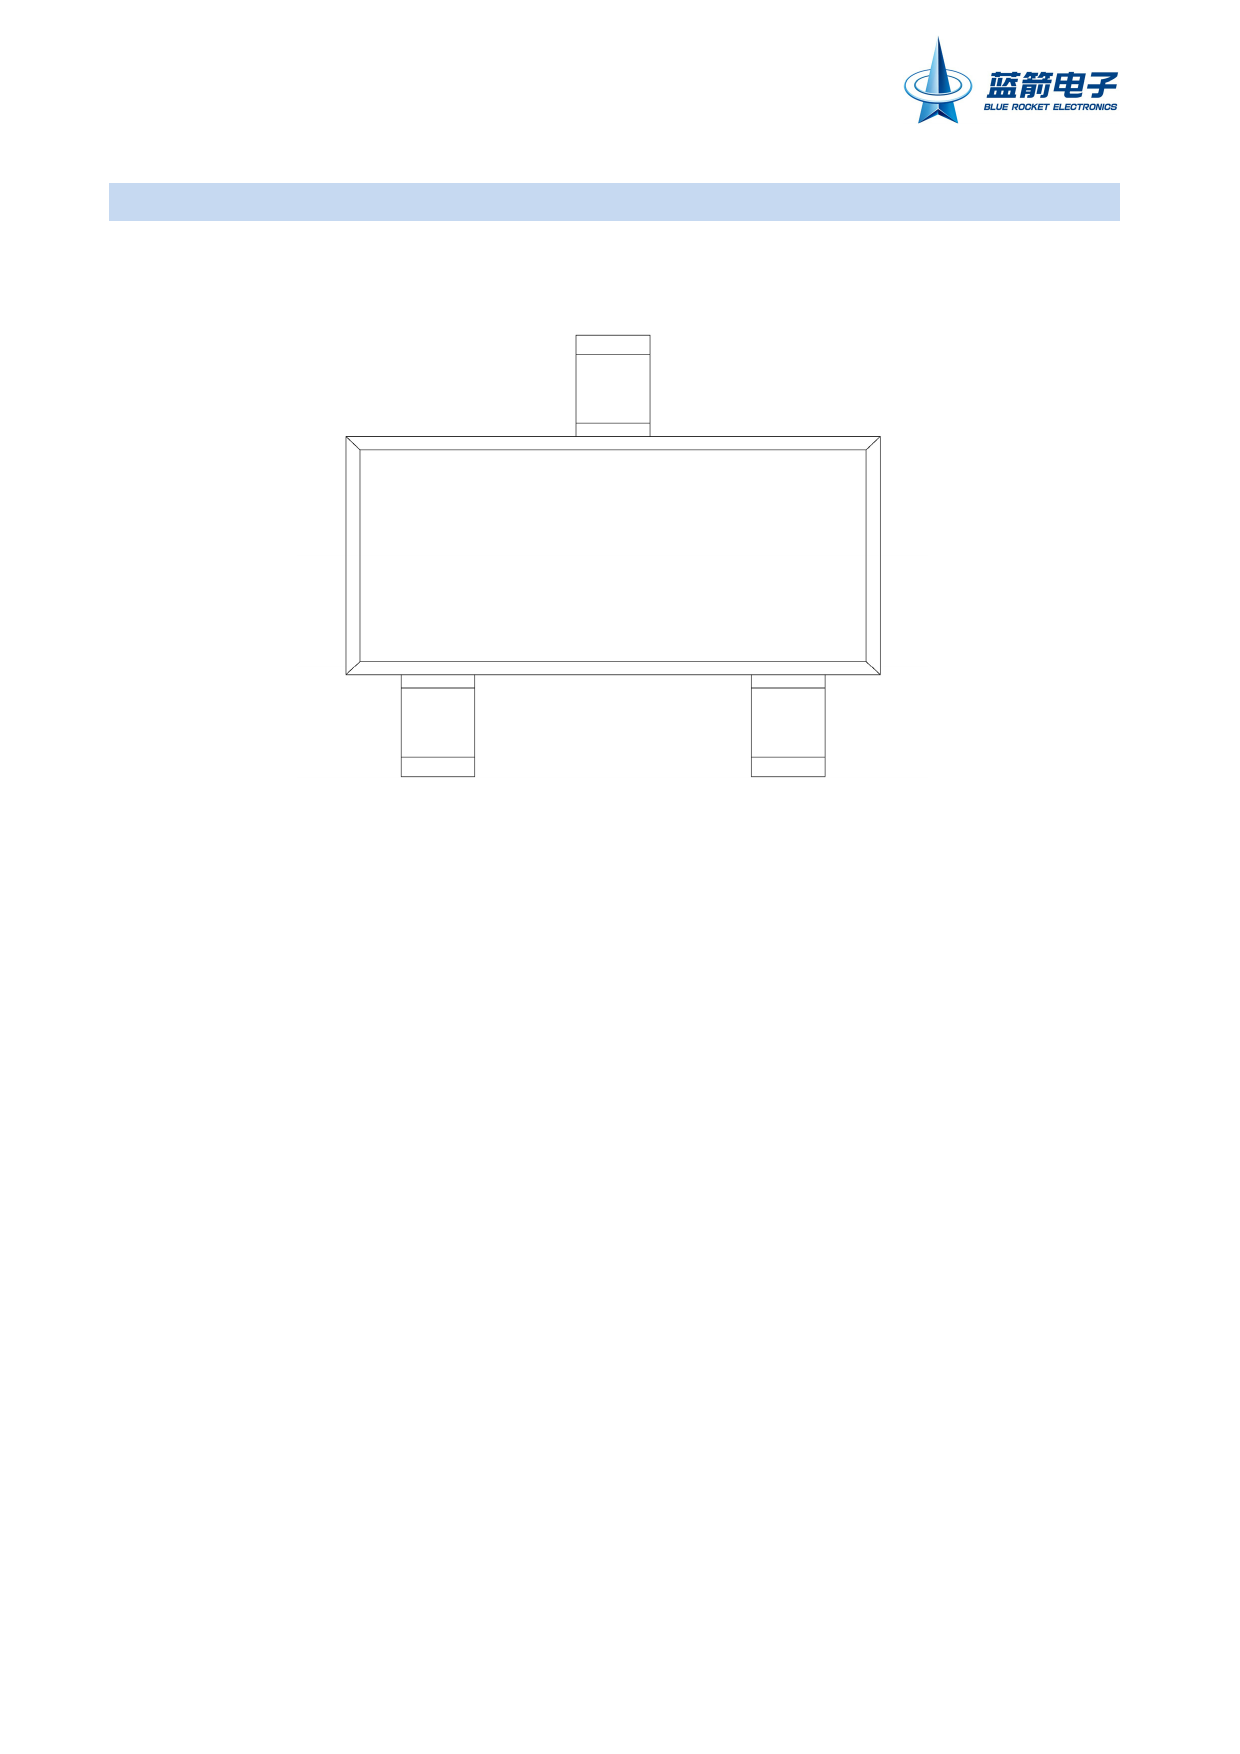 9018MG pdf